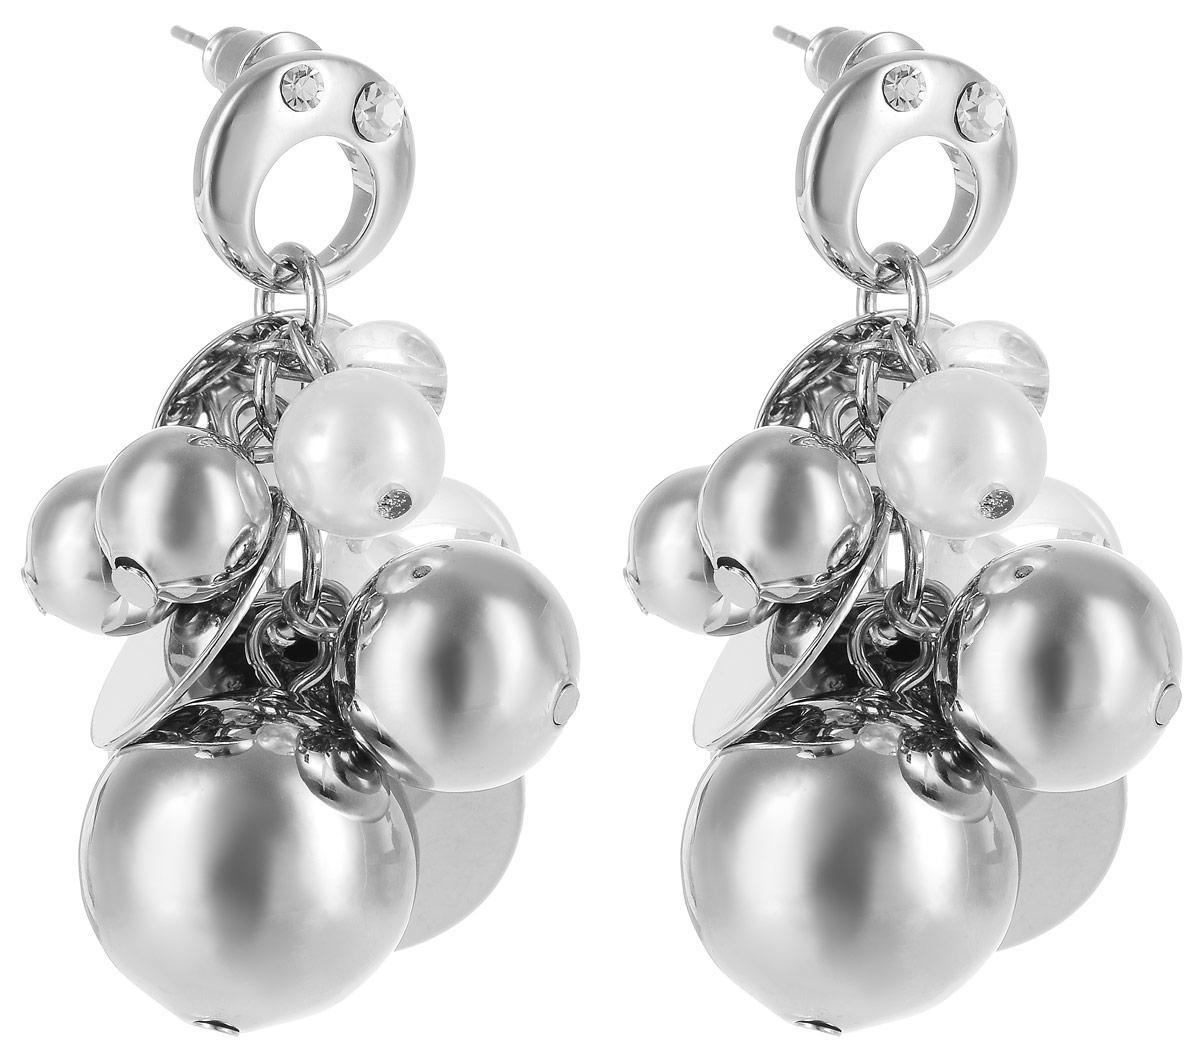 Серьги Art-Silver, цвет: серебряный. СРГ107-482Серьги с подвескамиСтильные серьги Art-Silver выполнены из бижутерного сплава. Серьги оформлены оригинальными декоративными вставками. Серьги выполнены с замками-гвоздиками. Такие серьги будут ярким дополнением вашего образа.